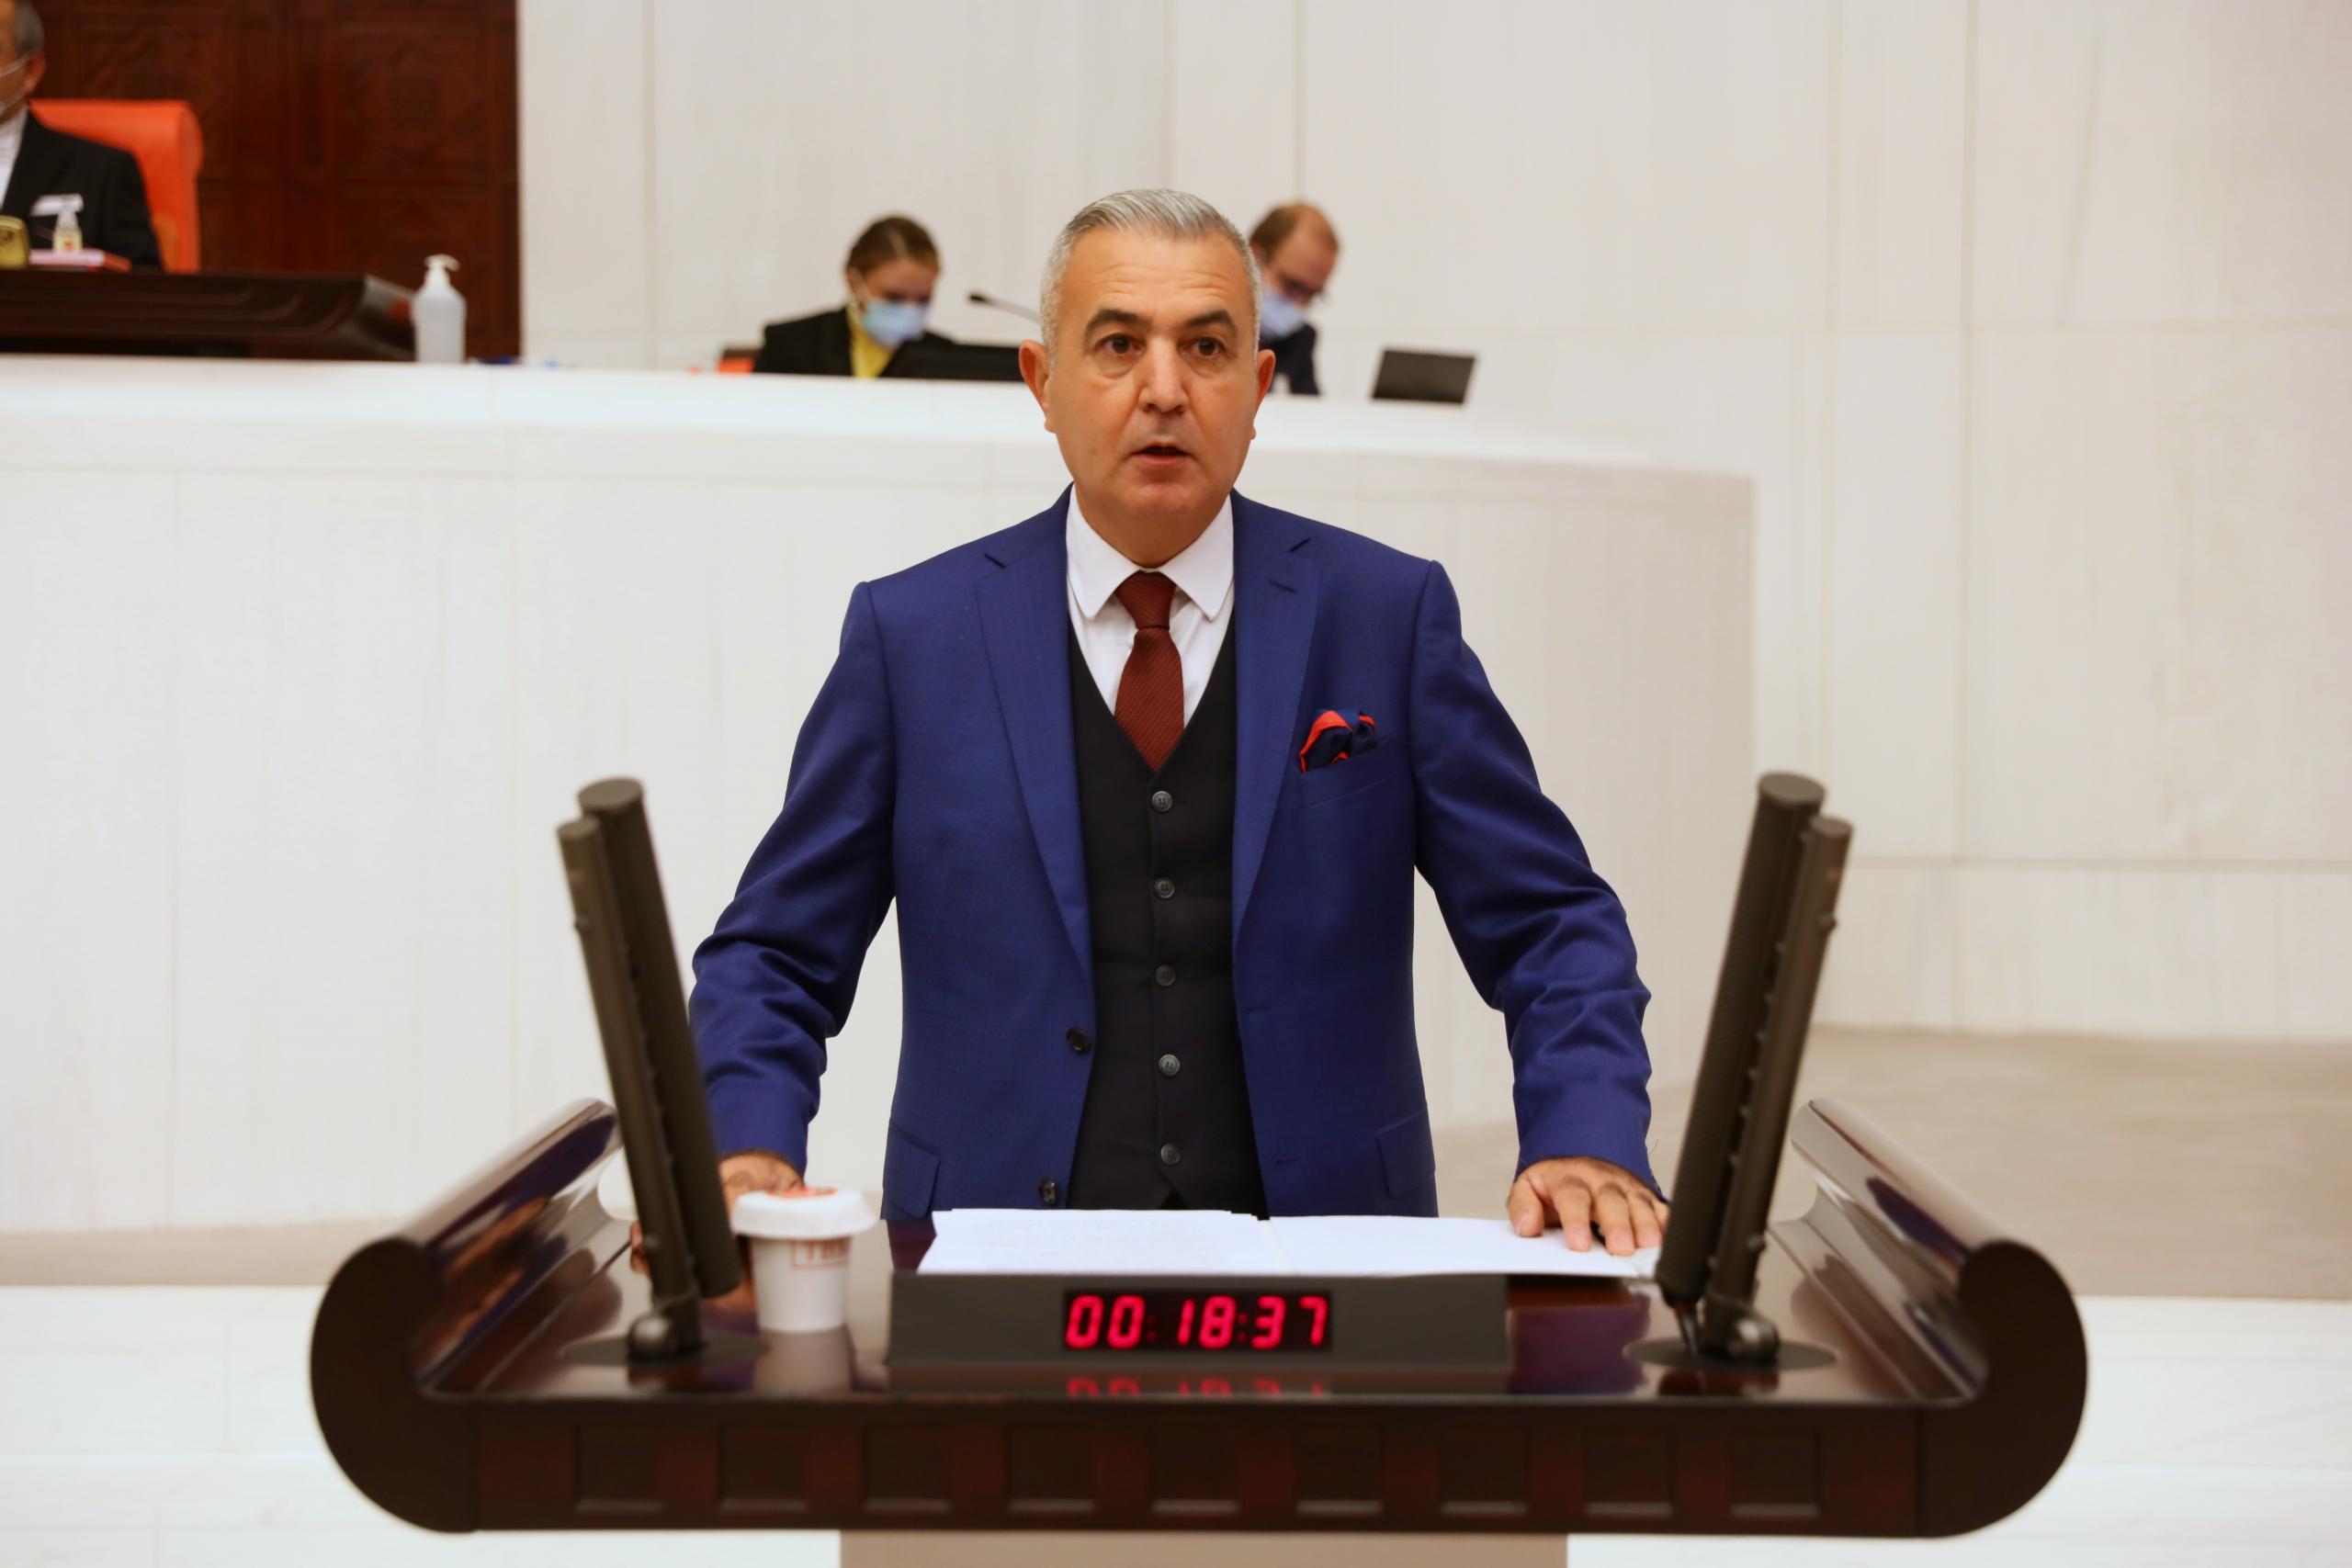 Milletvekili Şimşek: Adana-Mersin arası yol mutlaka 8 şeride çıkarılmalıdır